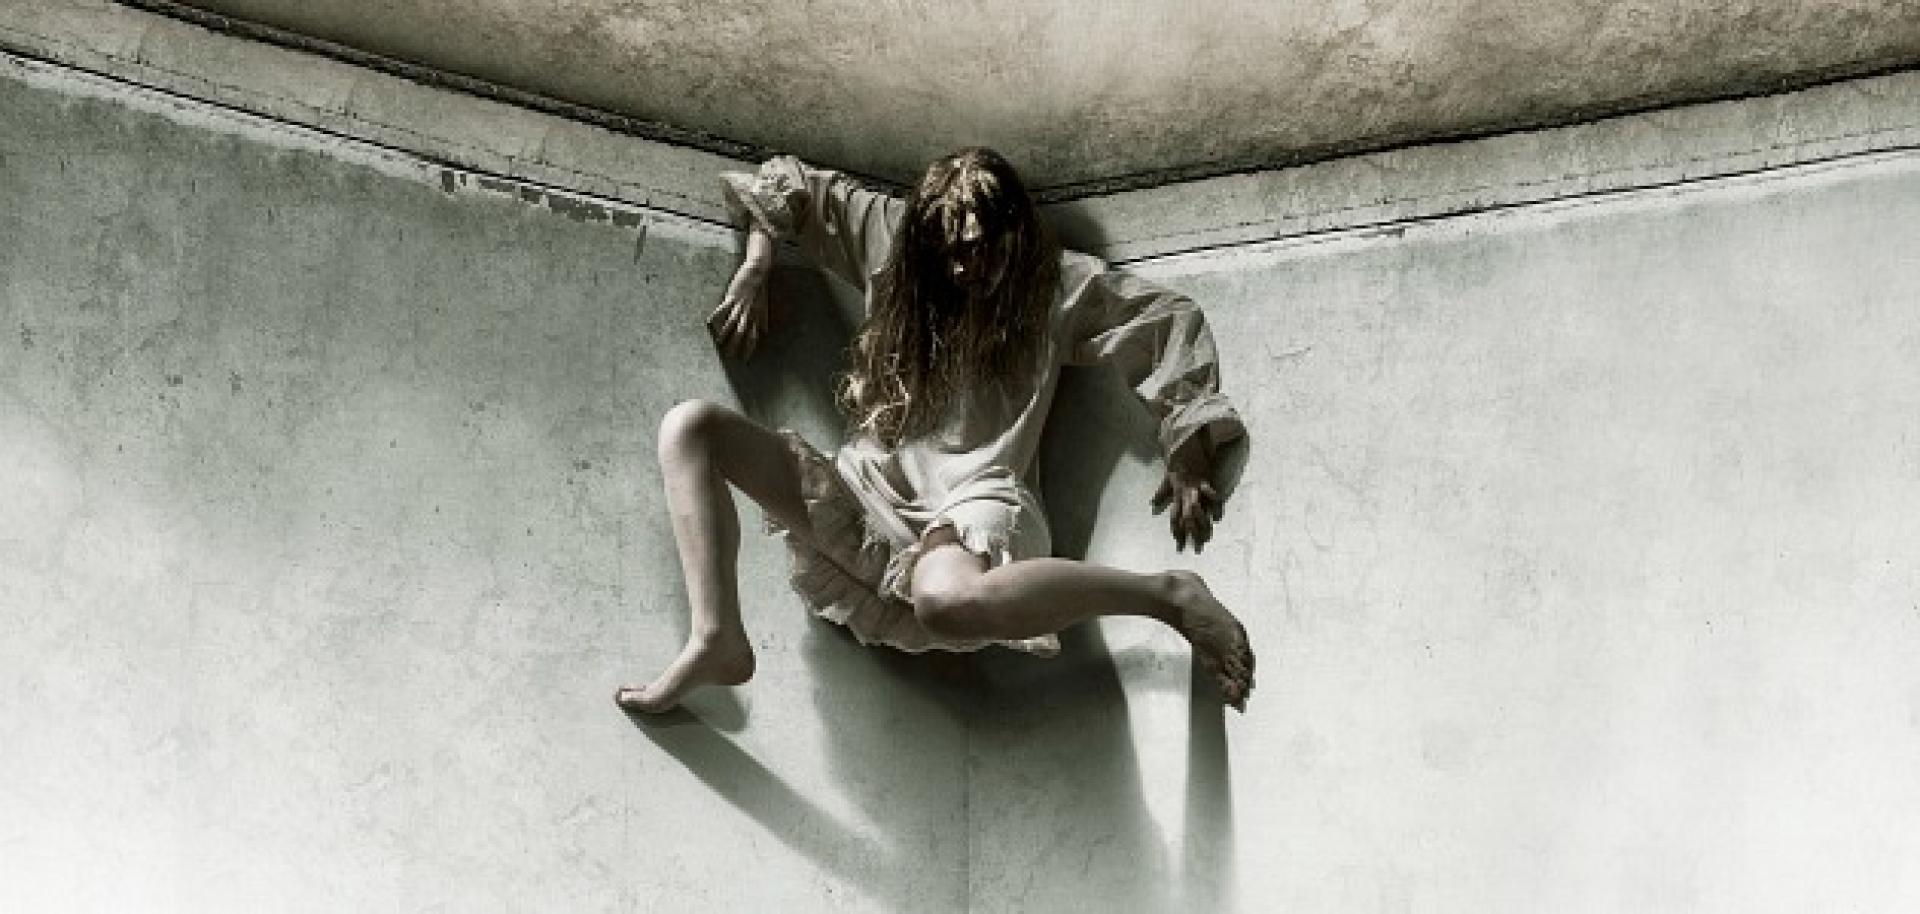 The Last Exorcism - Az utolsó ördögűzés (2010)